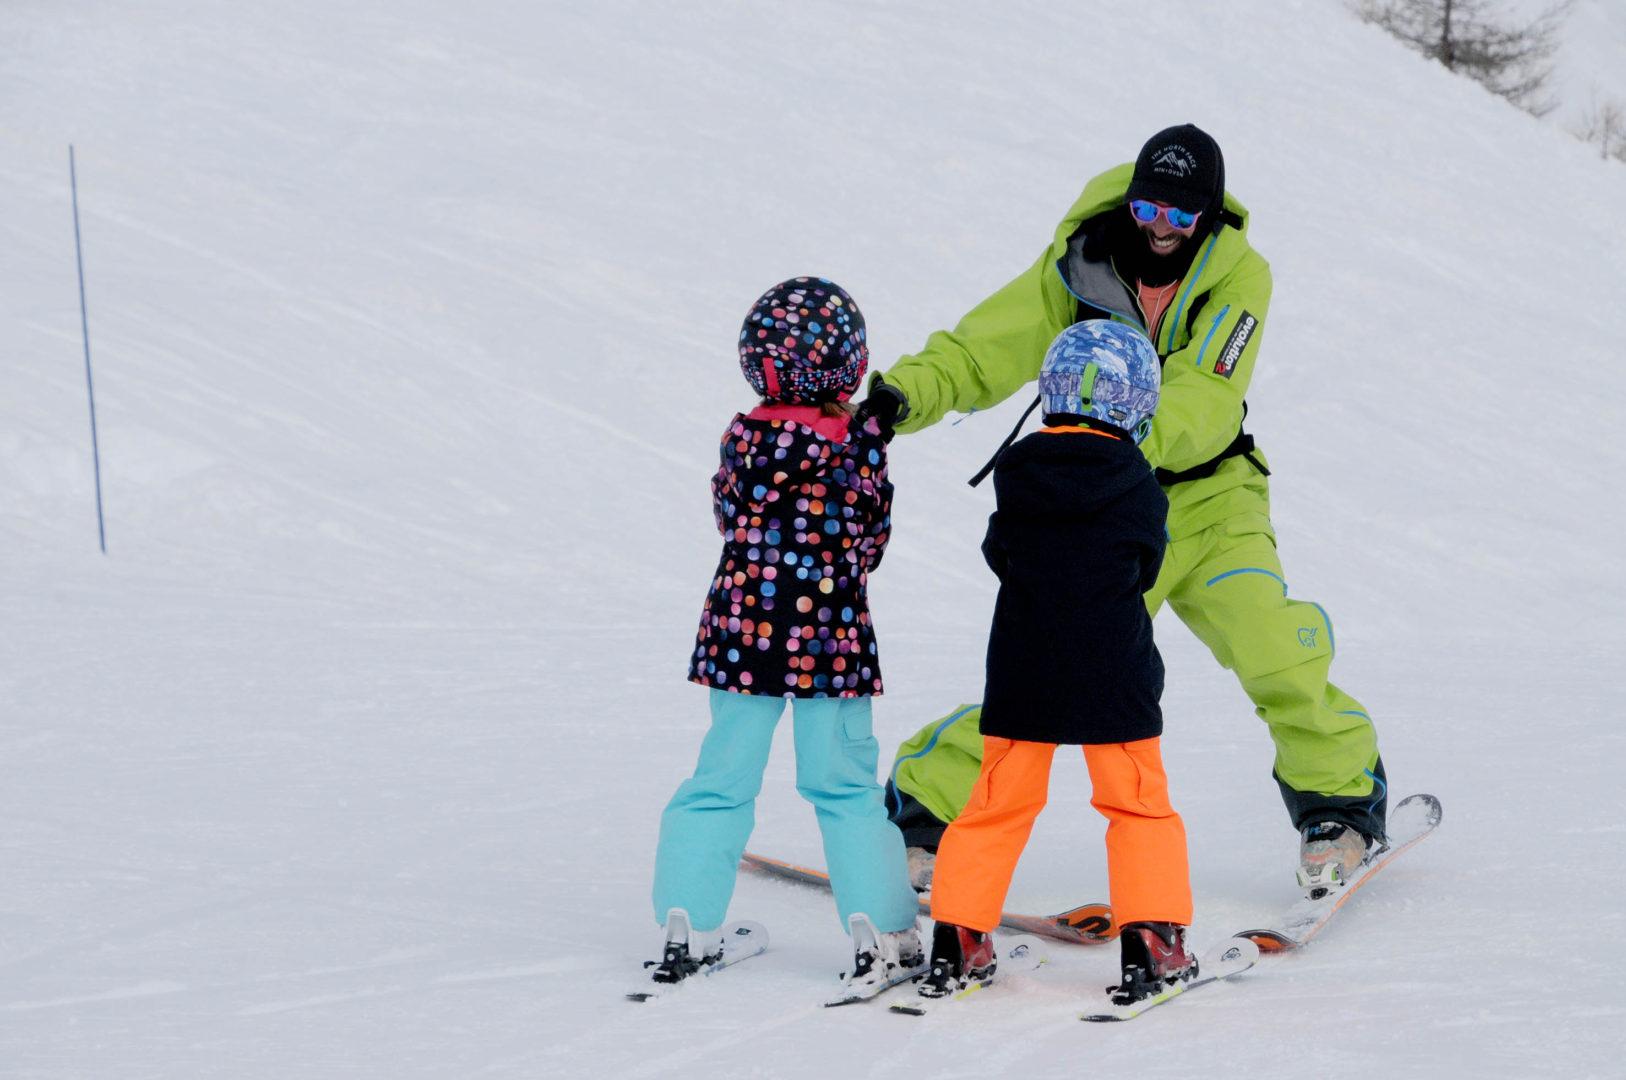 ski-lessons-vars-evolution2